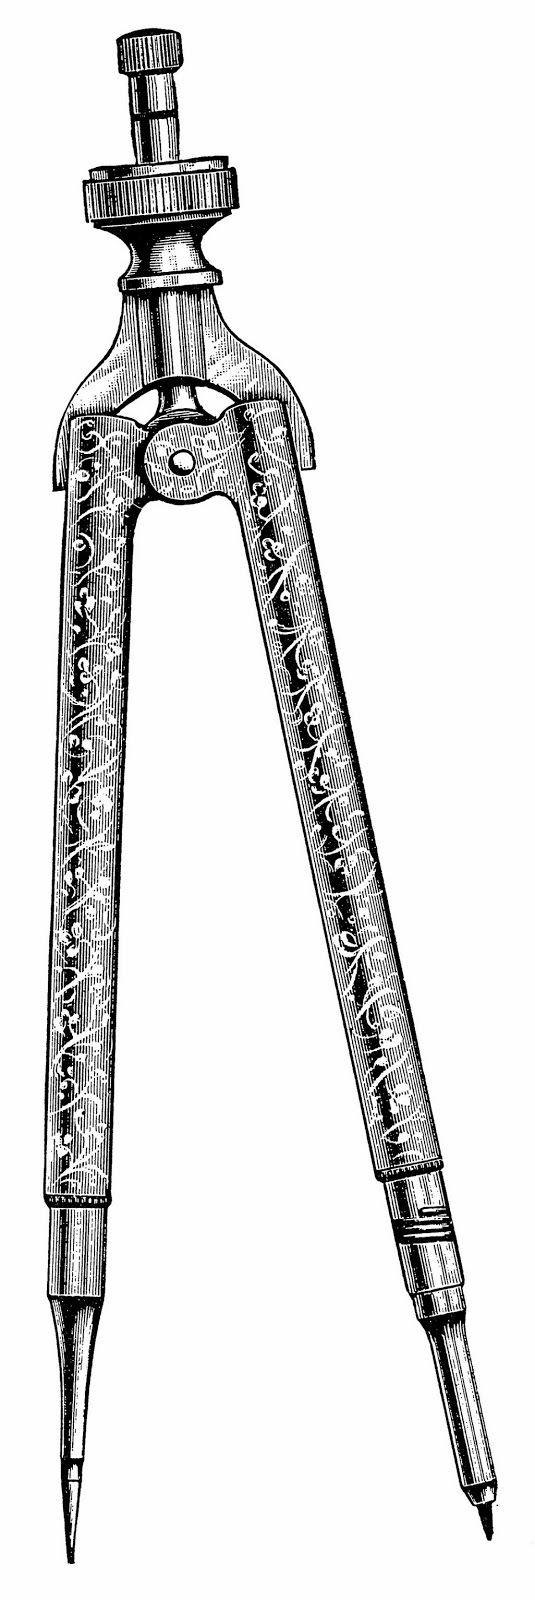 Sisters' Warehouse: Illustrazioni in Bianco e Nero - Gli Strumenti dell'Artista - Black and White Illustrations - Artist's Tools